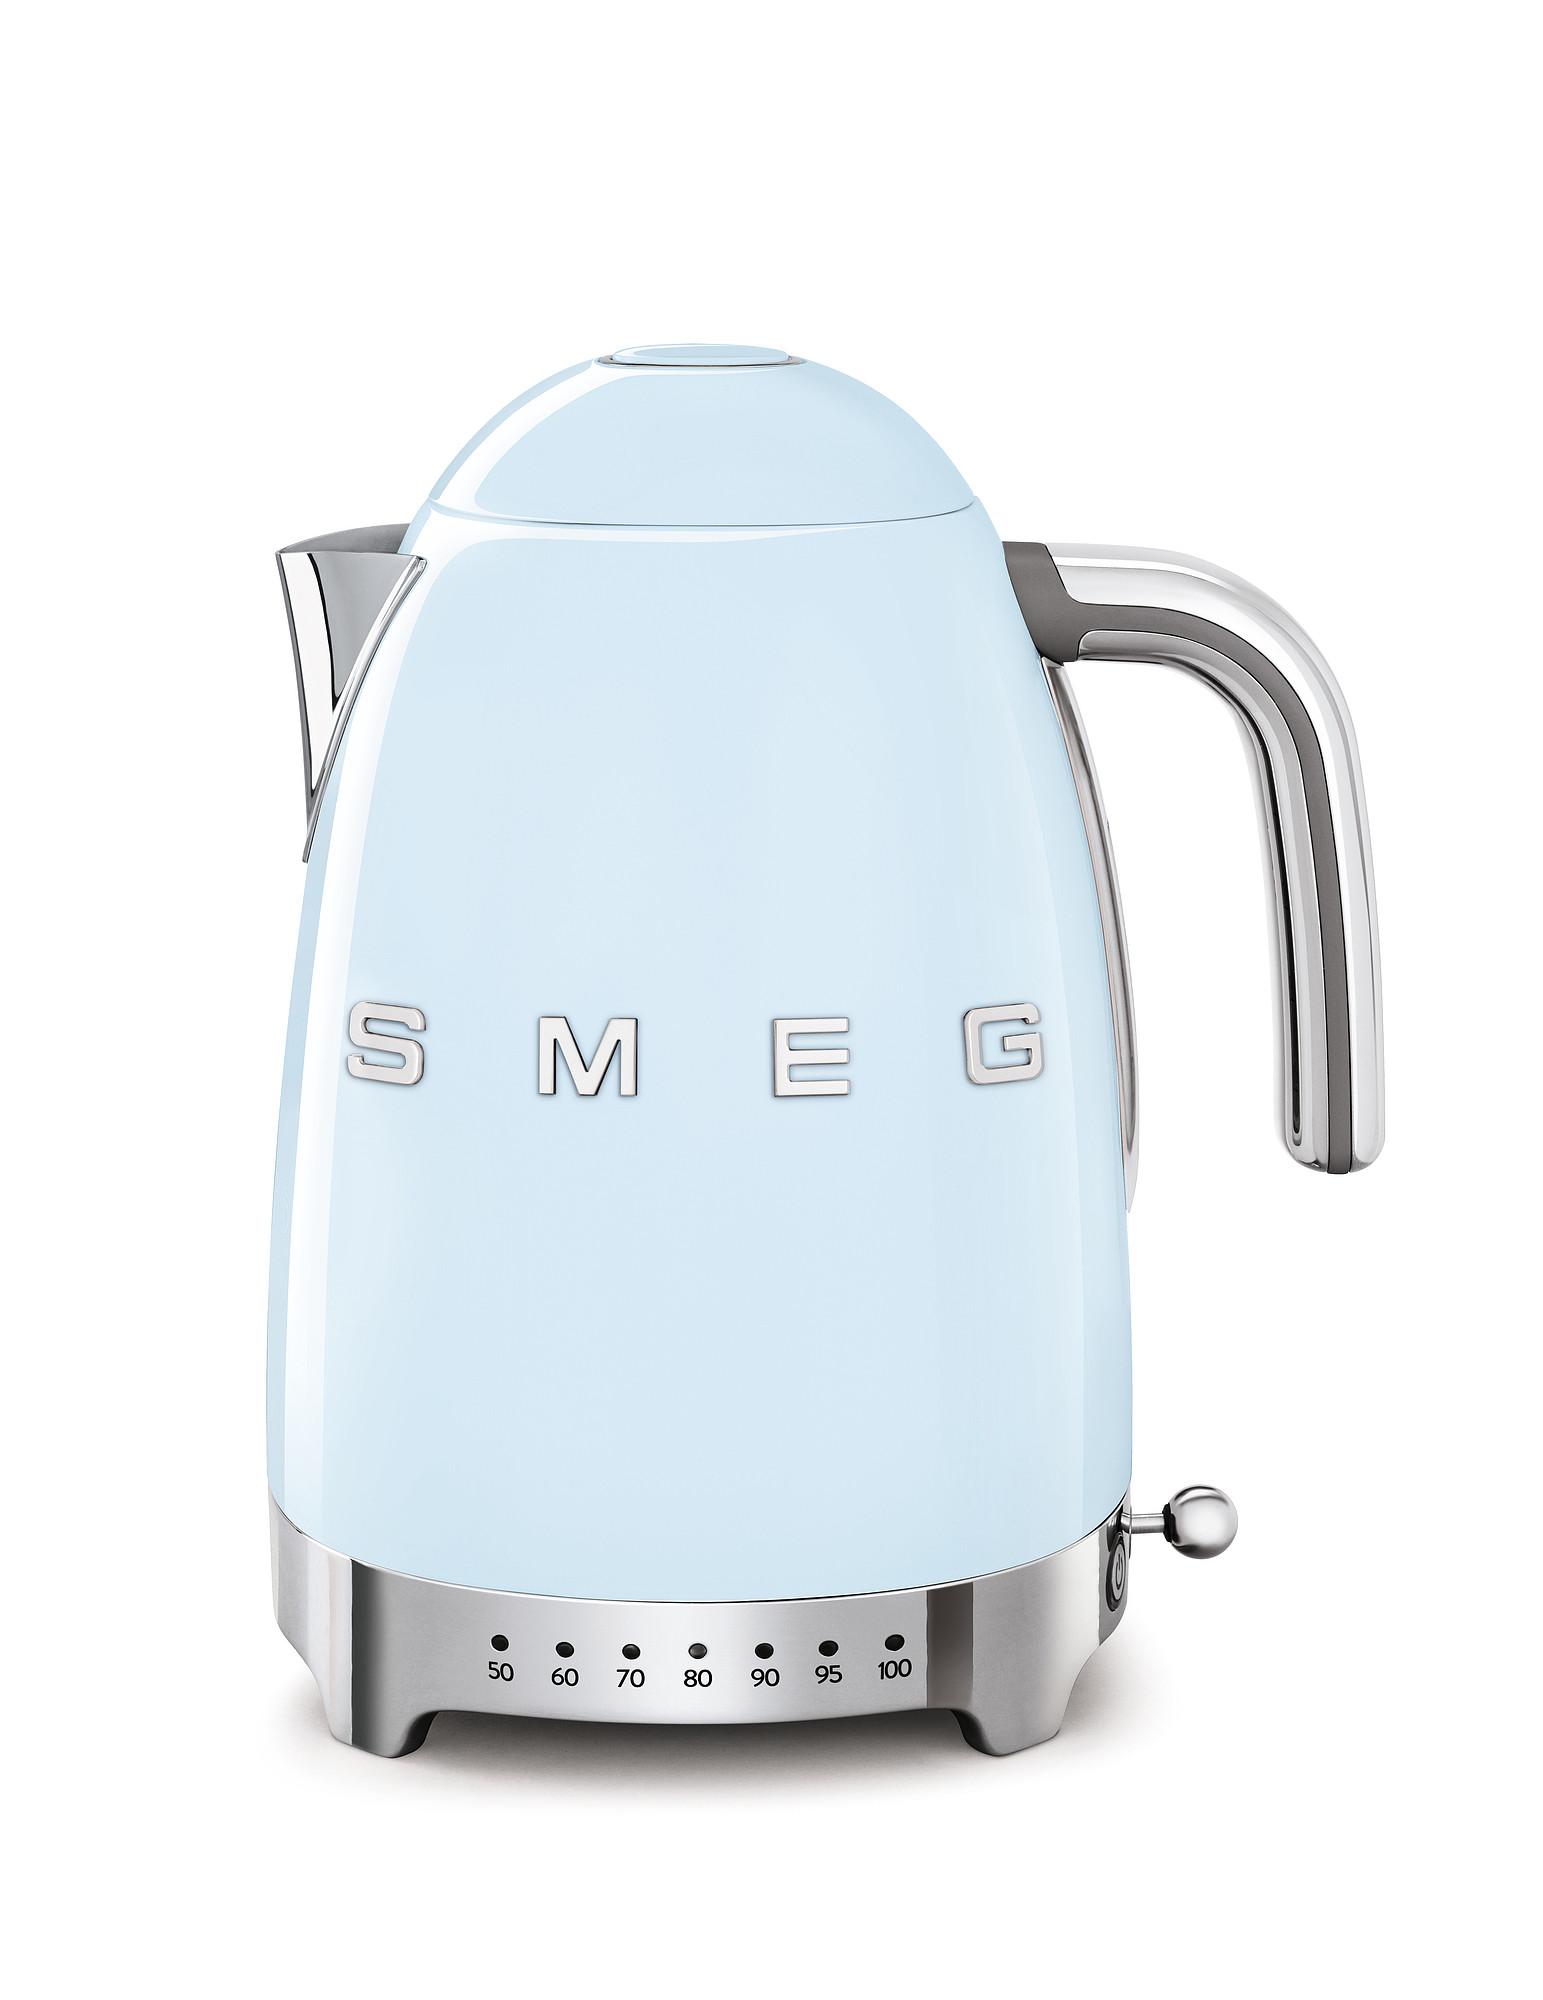 SMEG Wasserkocher Temperaturregelung Pastellblau